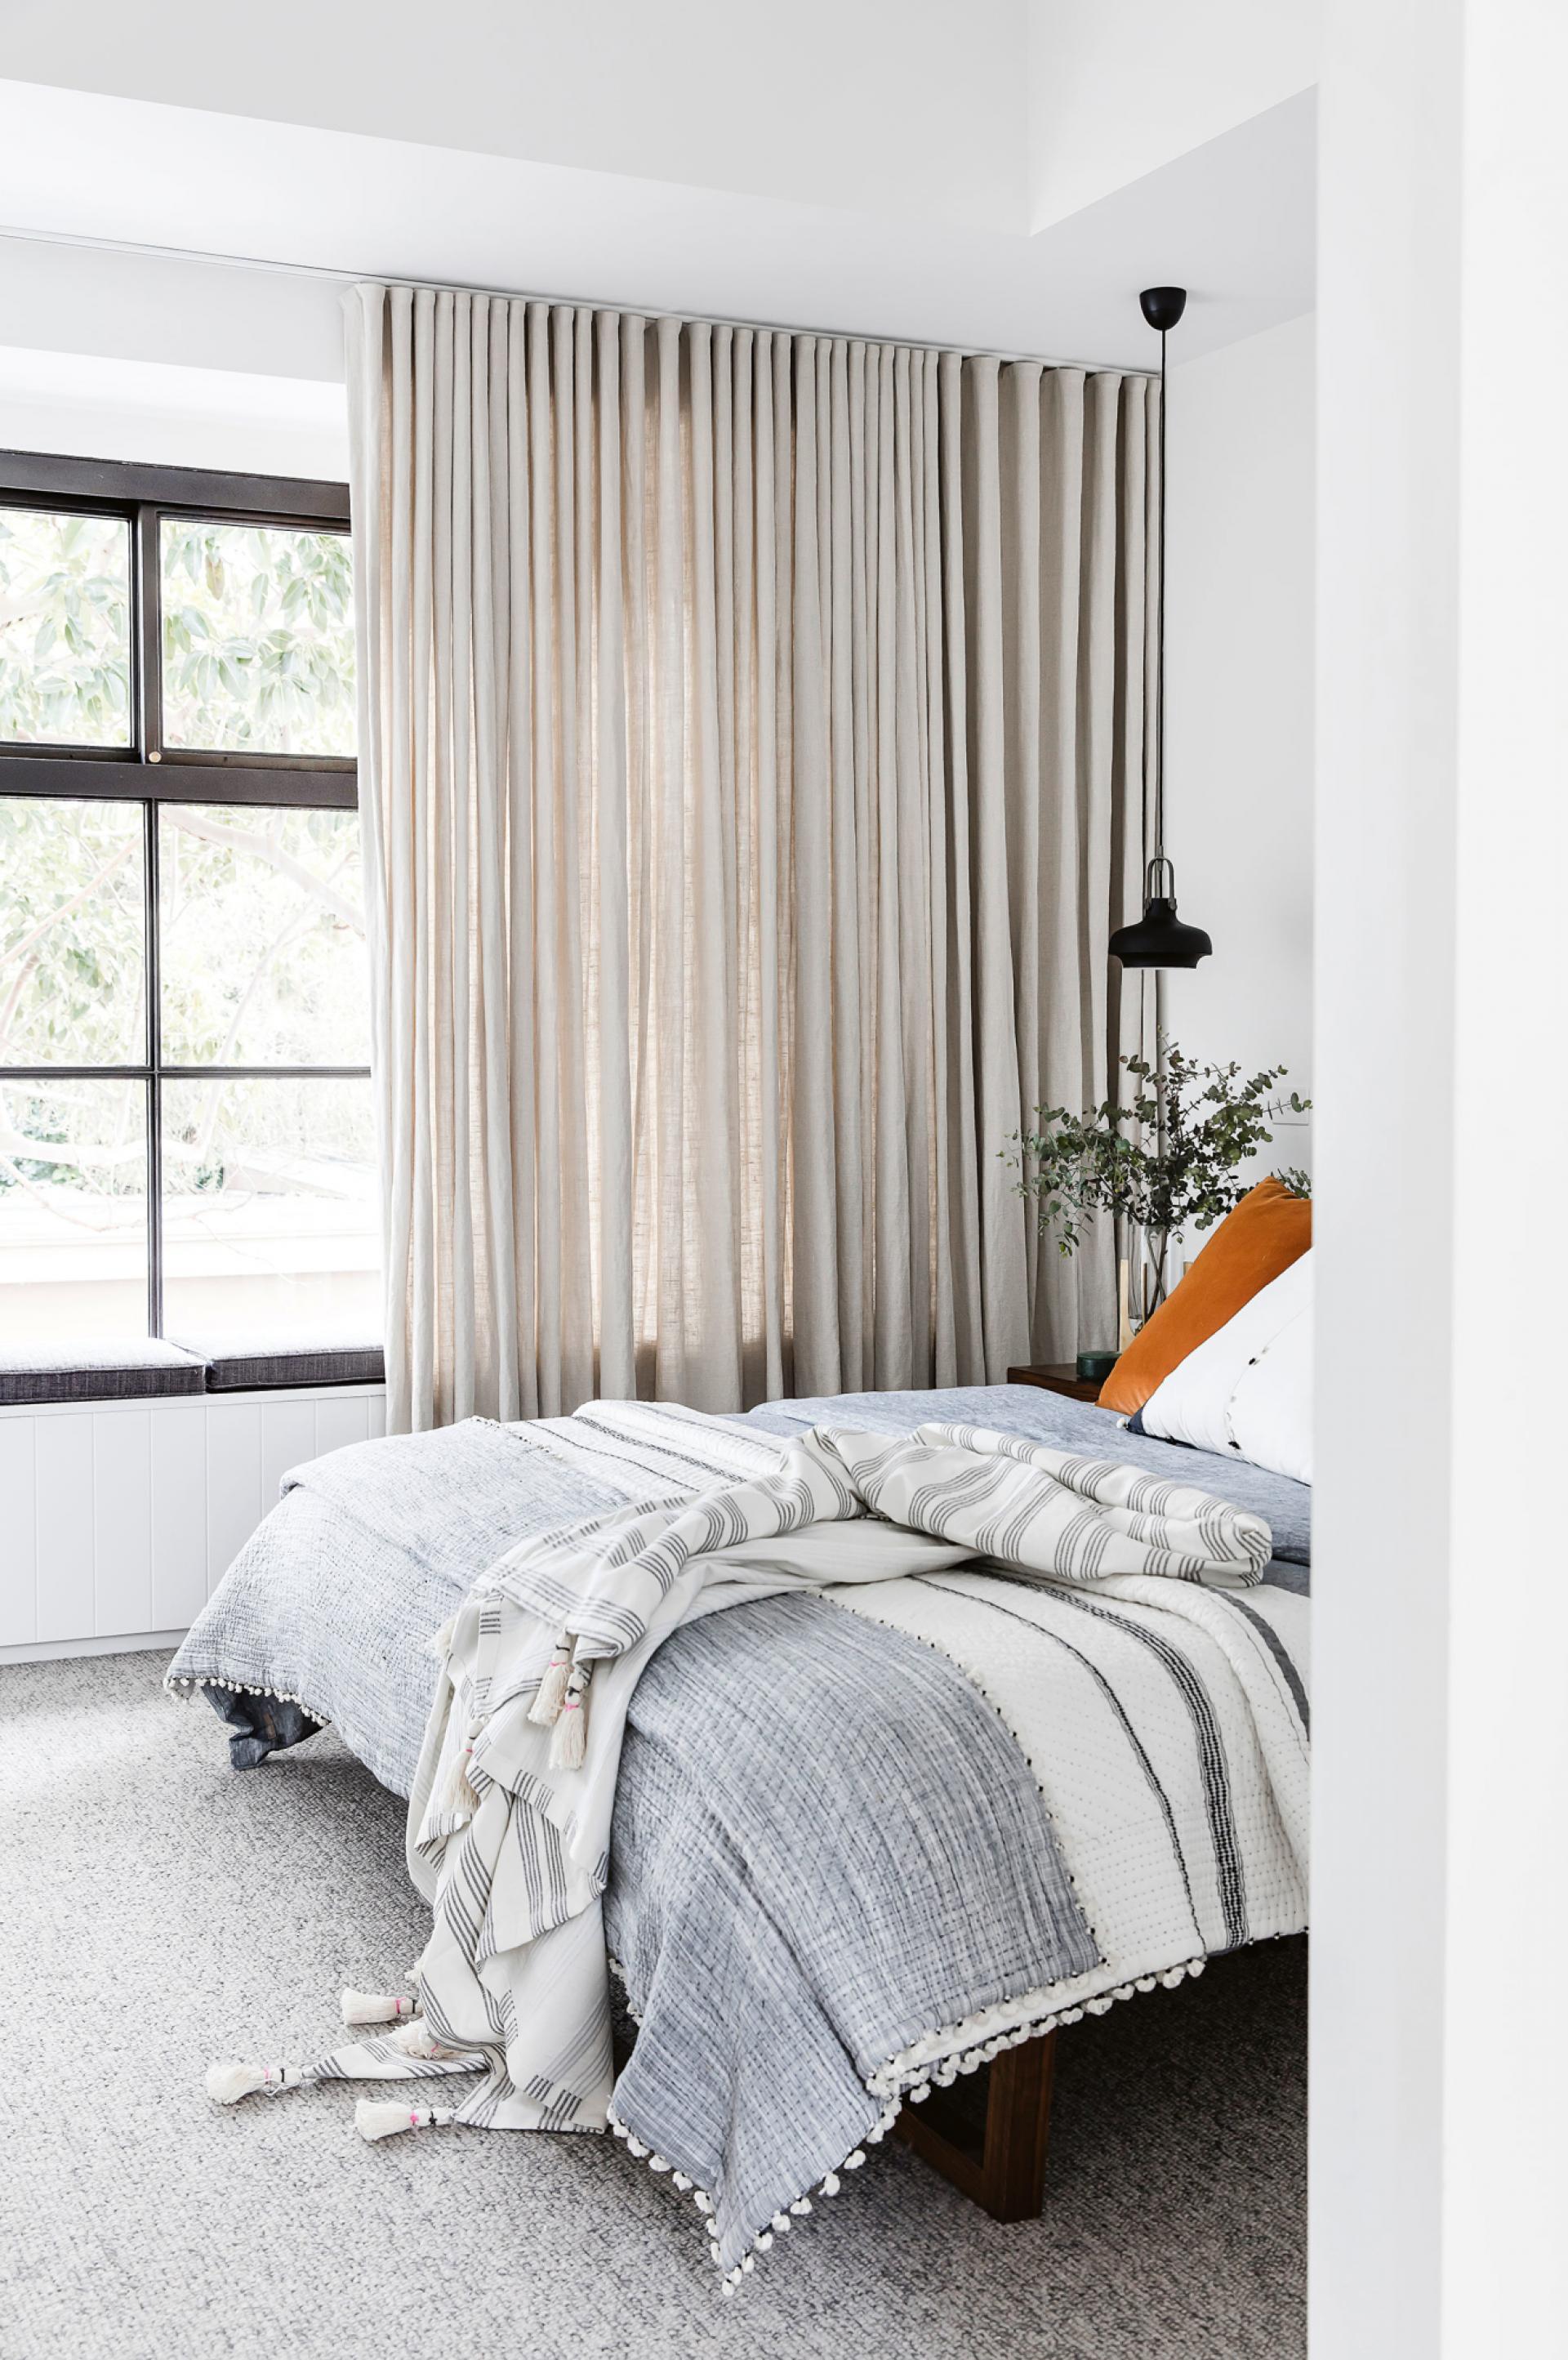 australisch-familie-interieur-slaapkamer